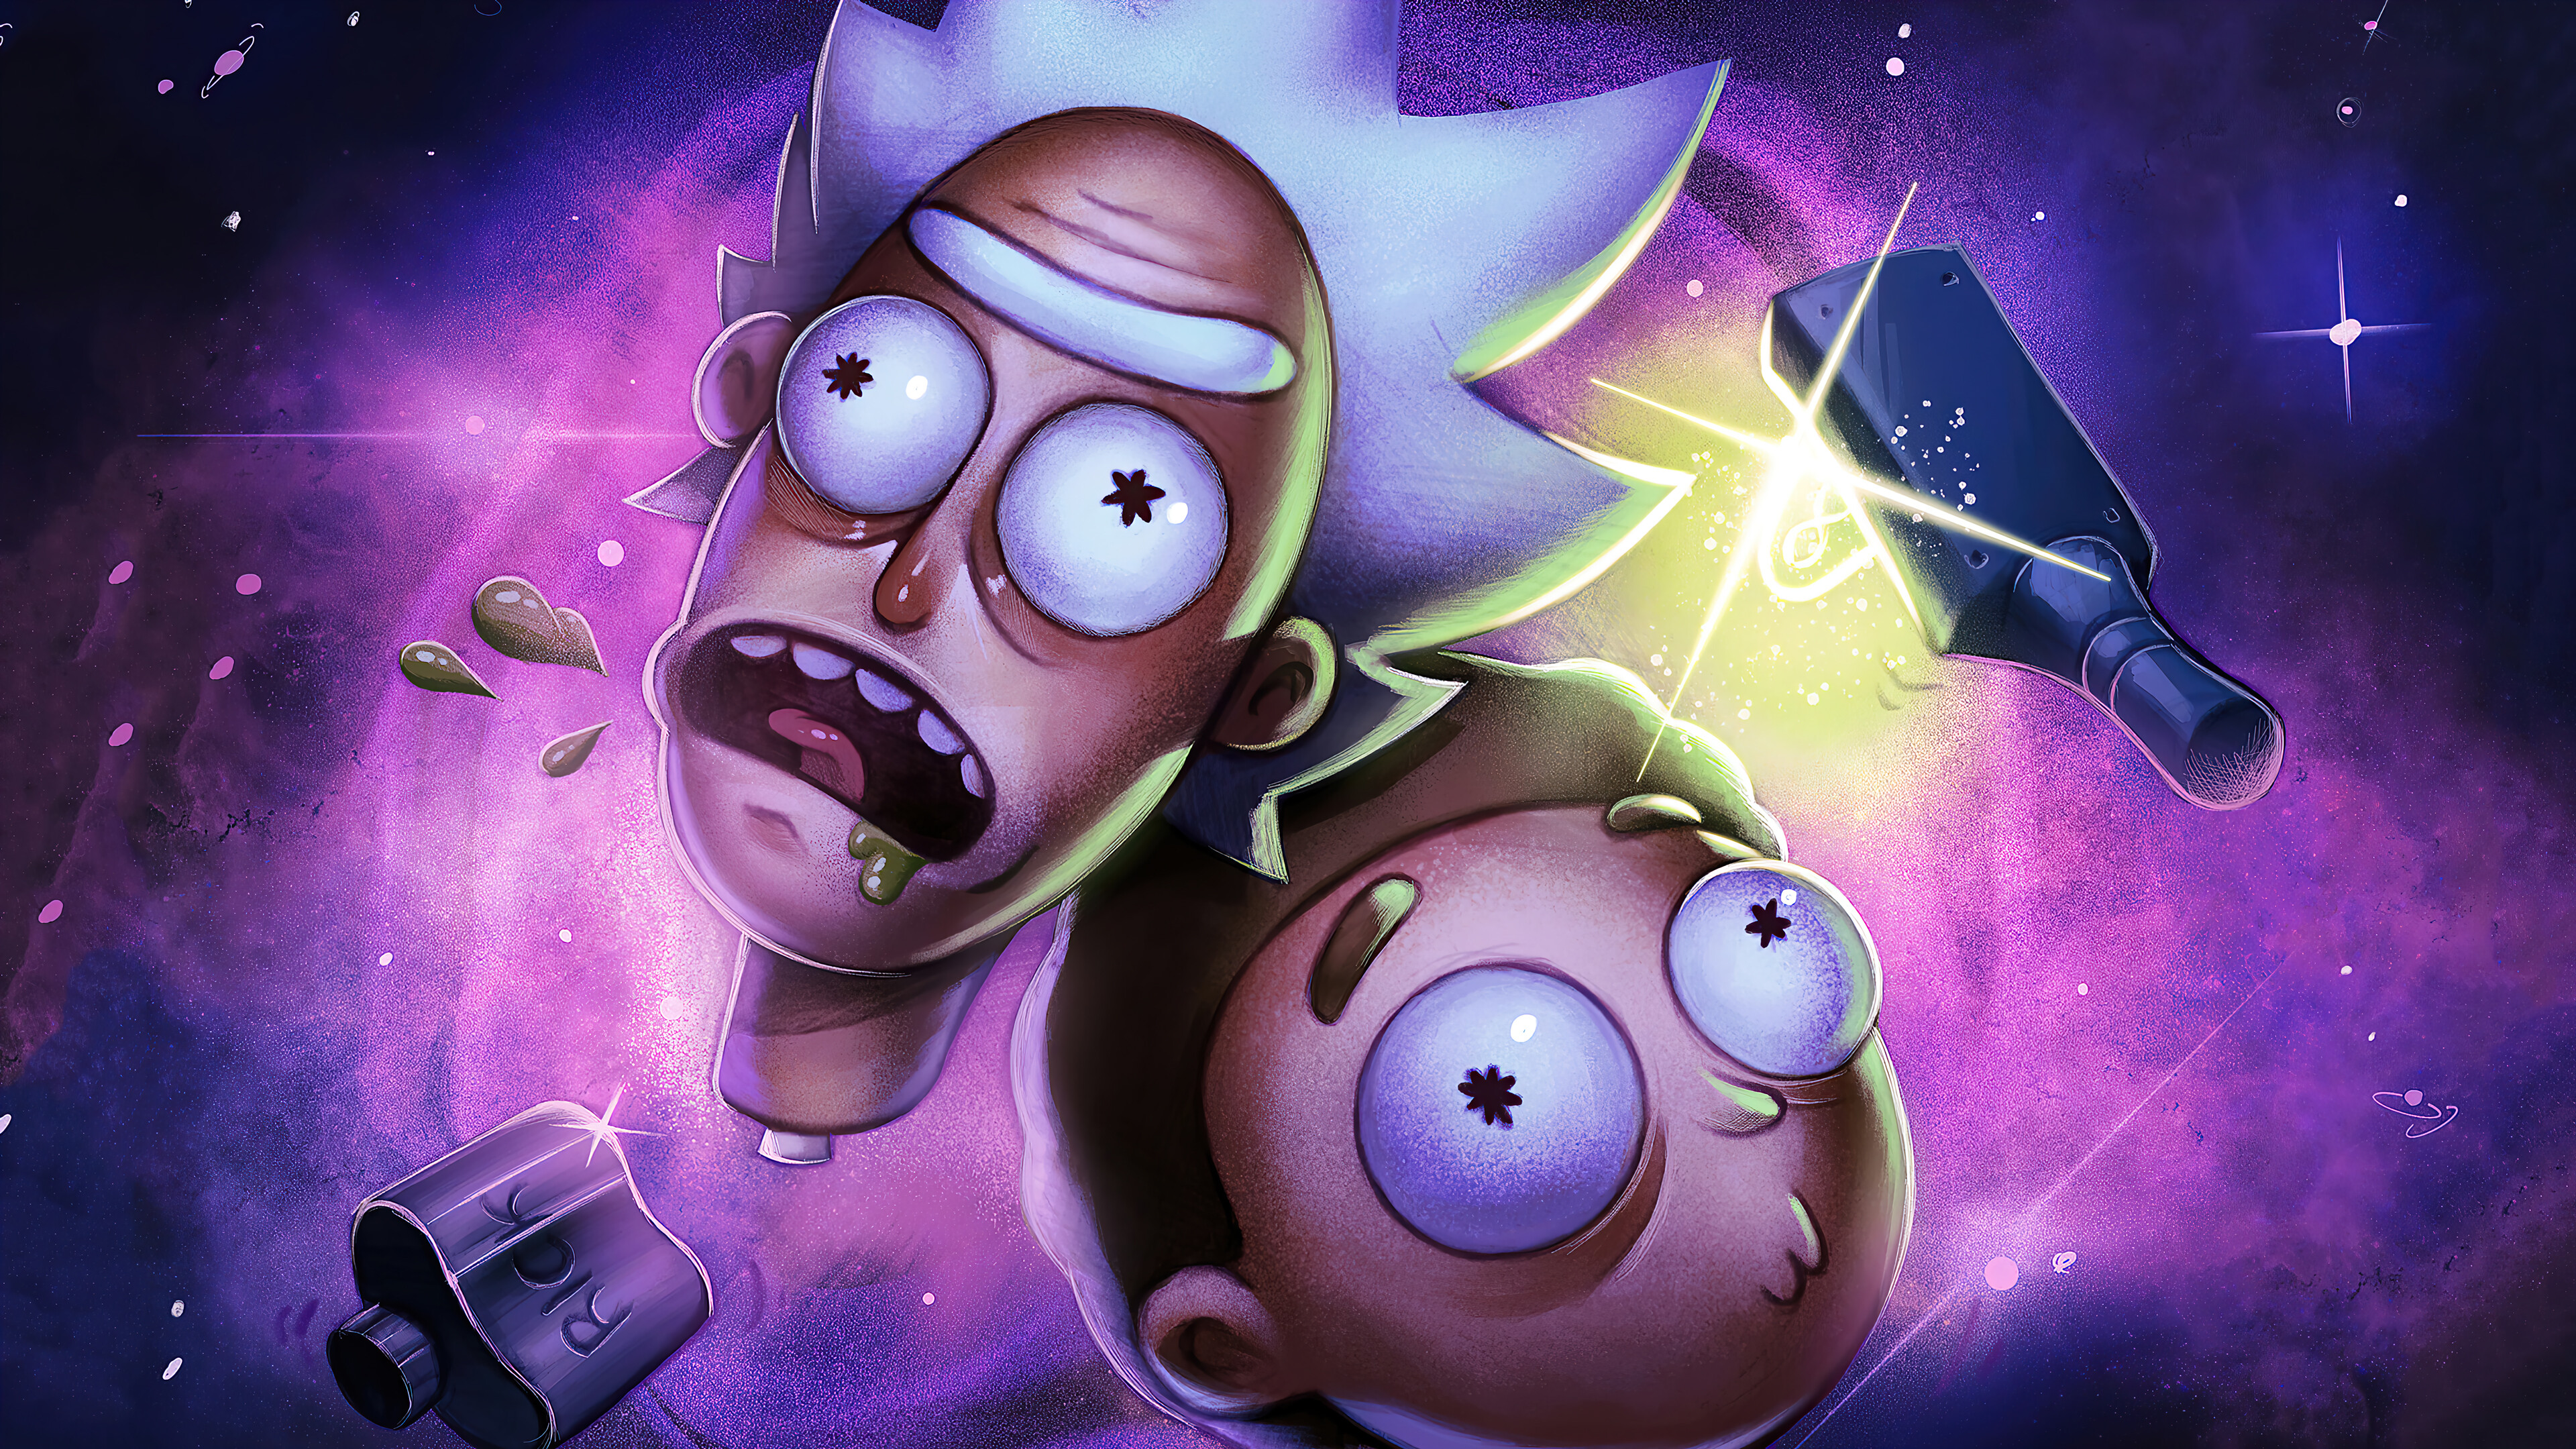 Fondos de pantalla Cabezas de Rick and Morty